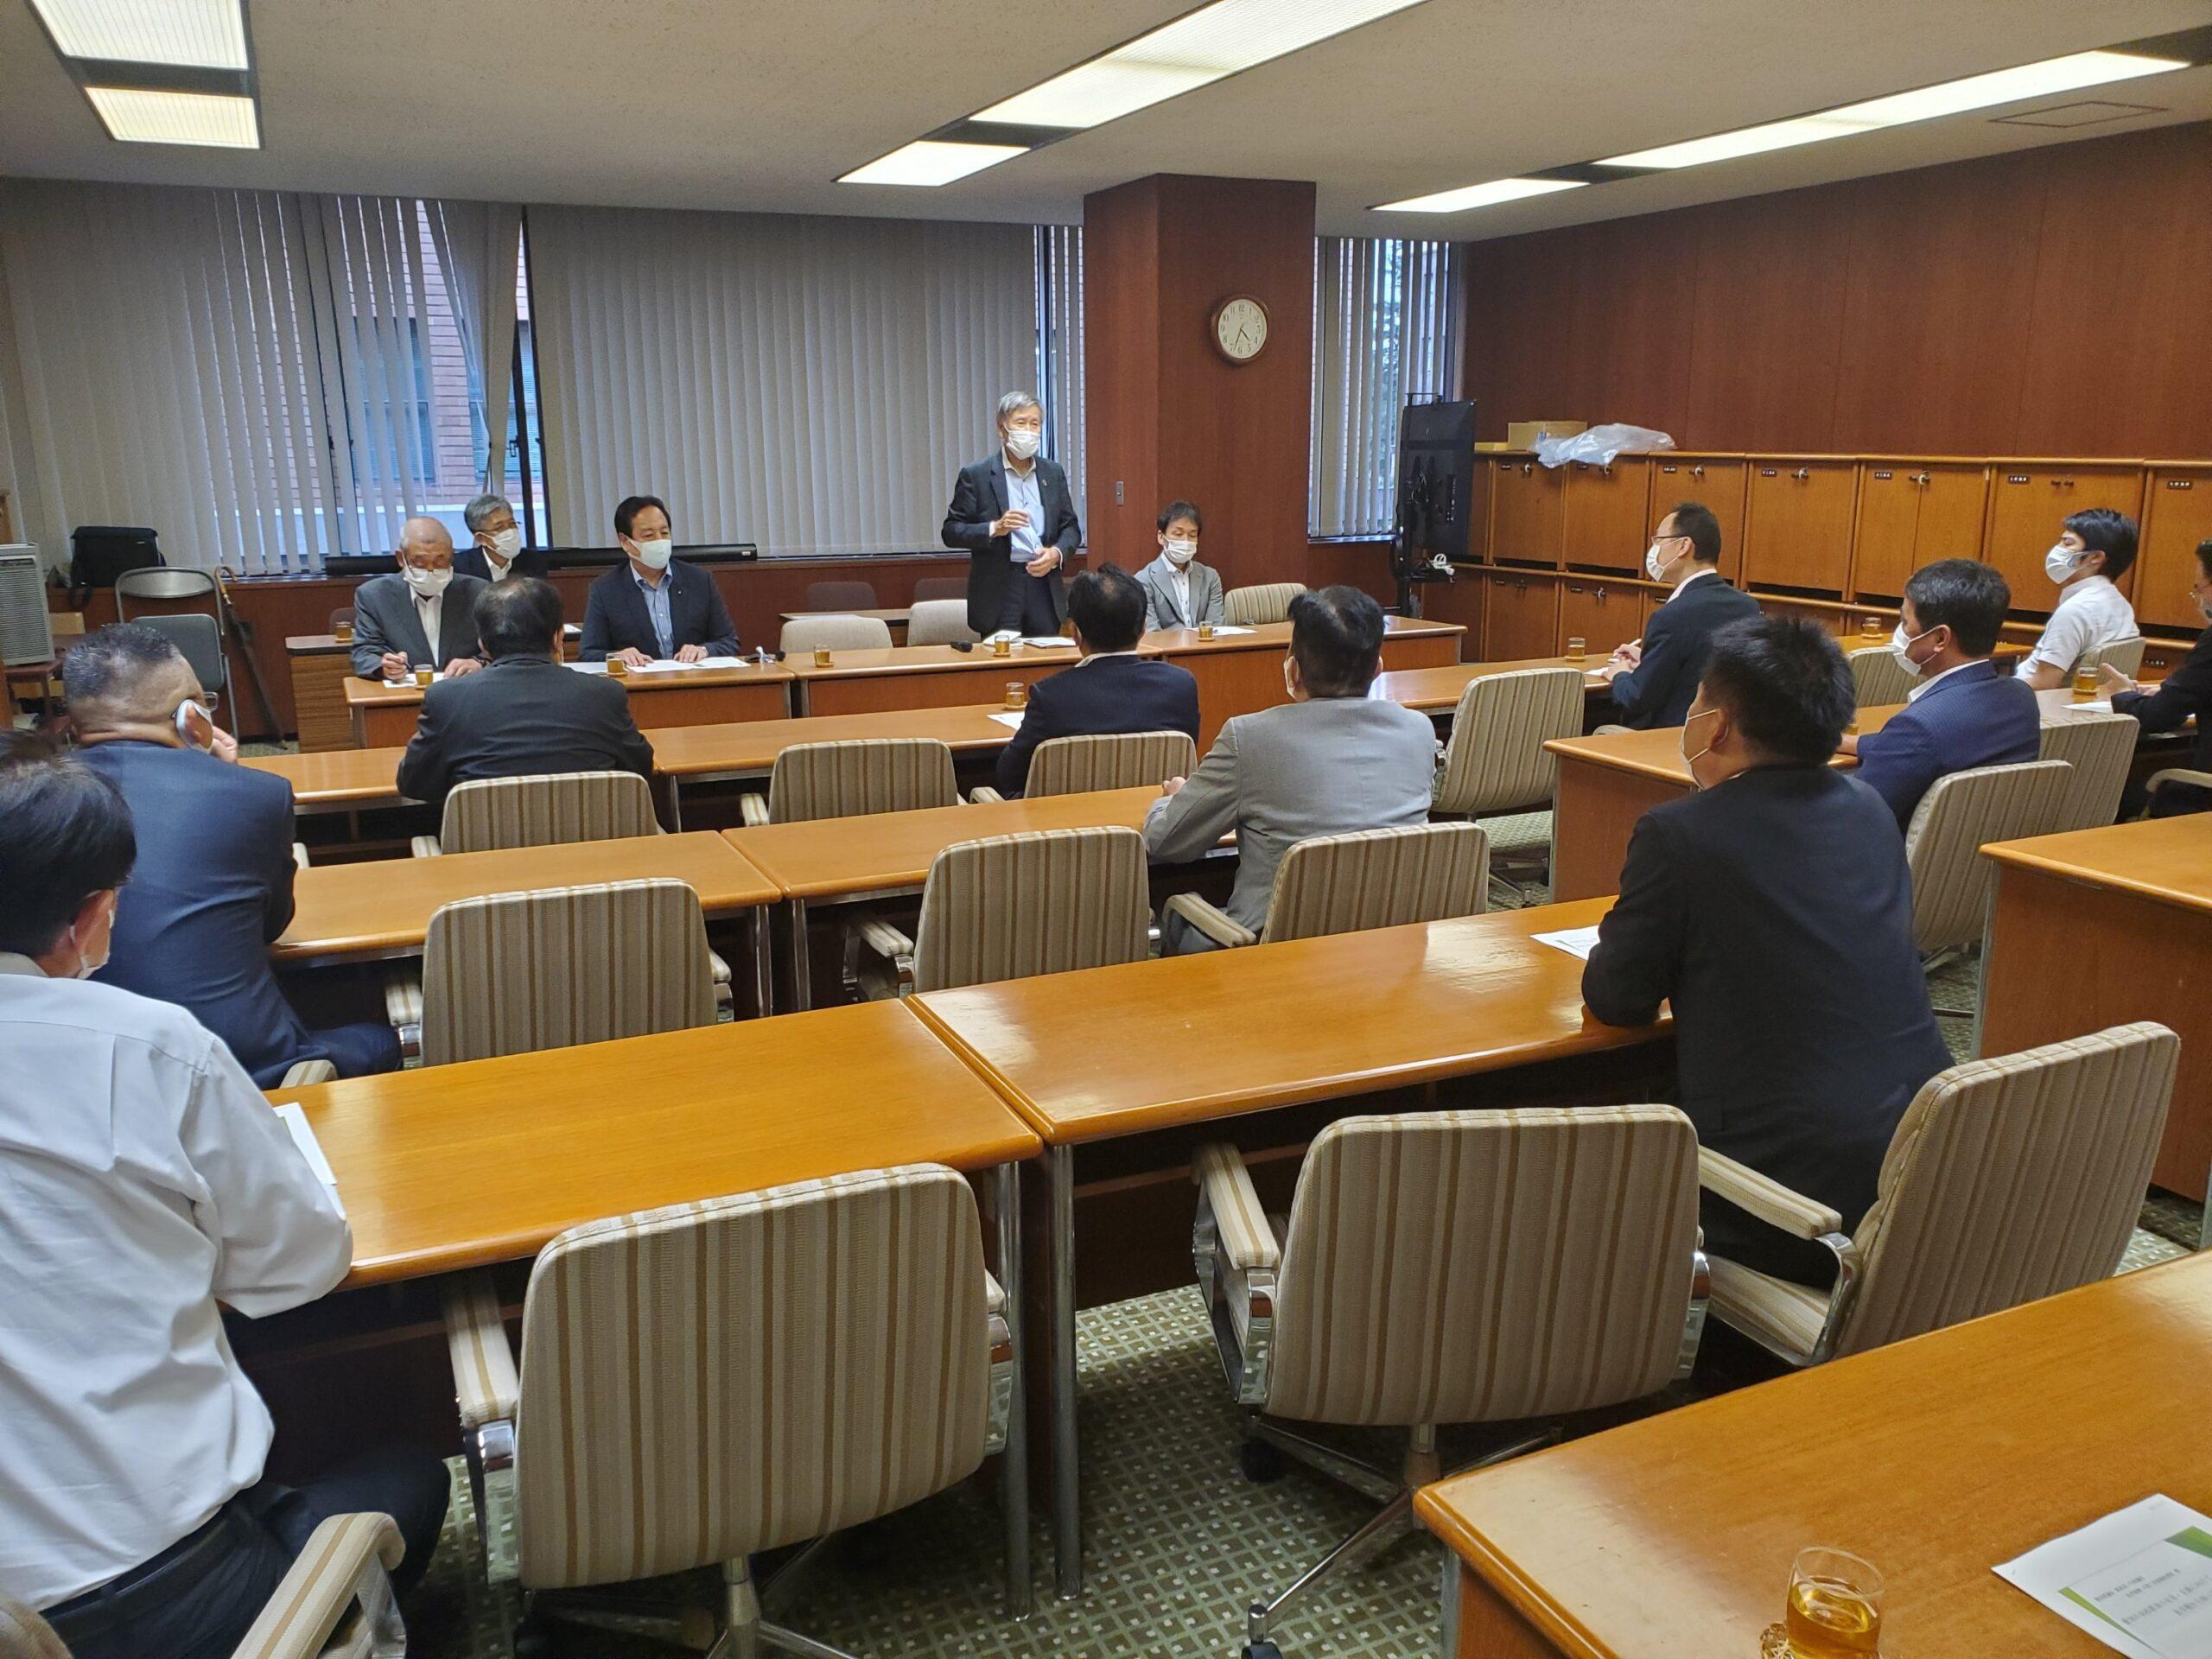 愛知県私学協会の皆様との意見交換会に参加しています。